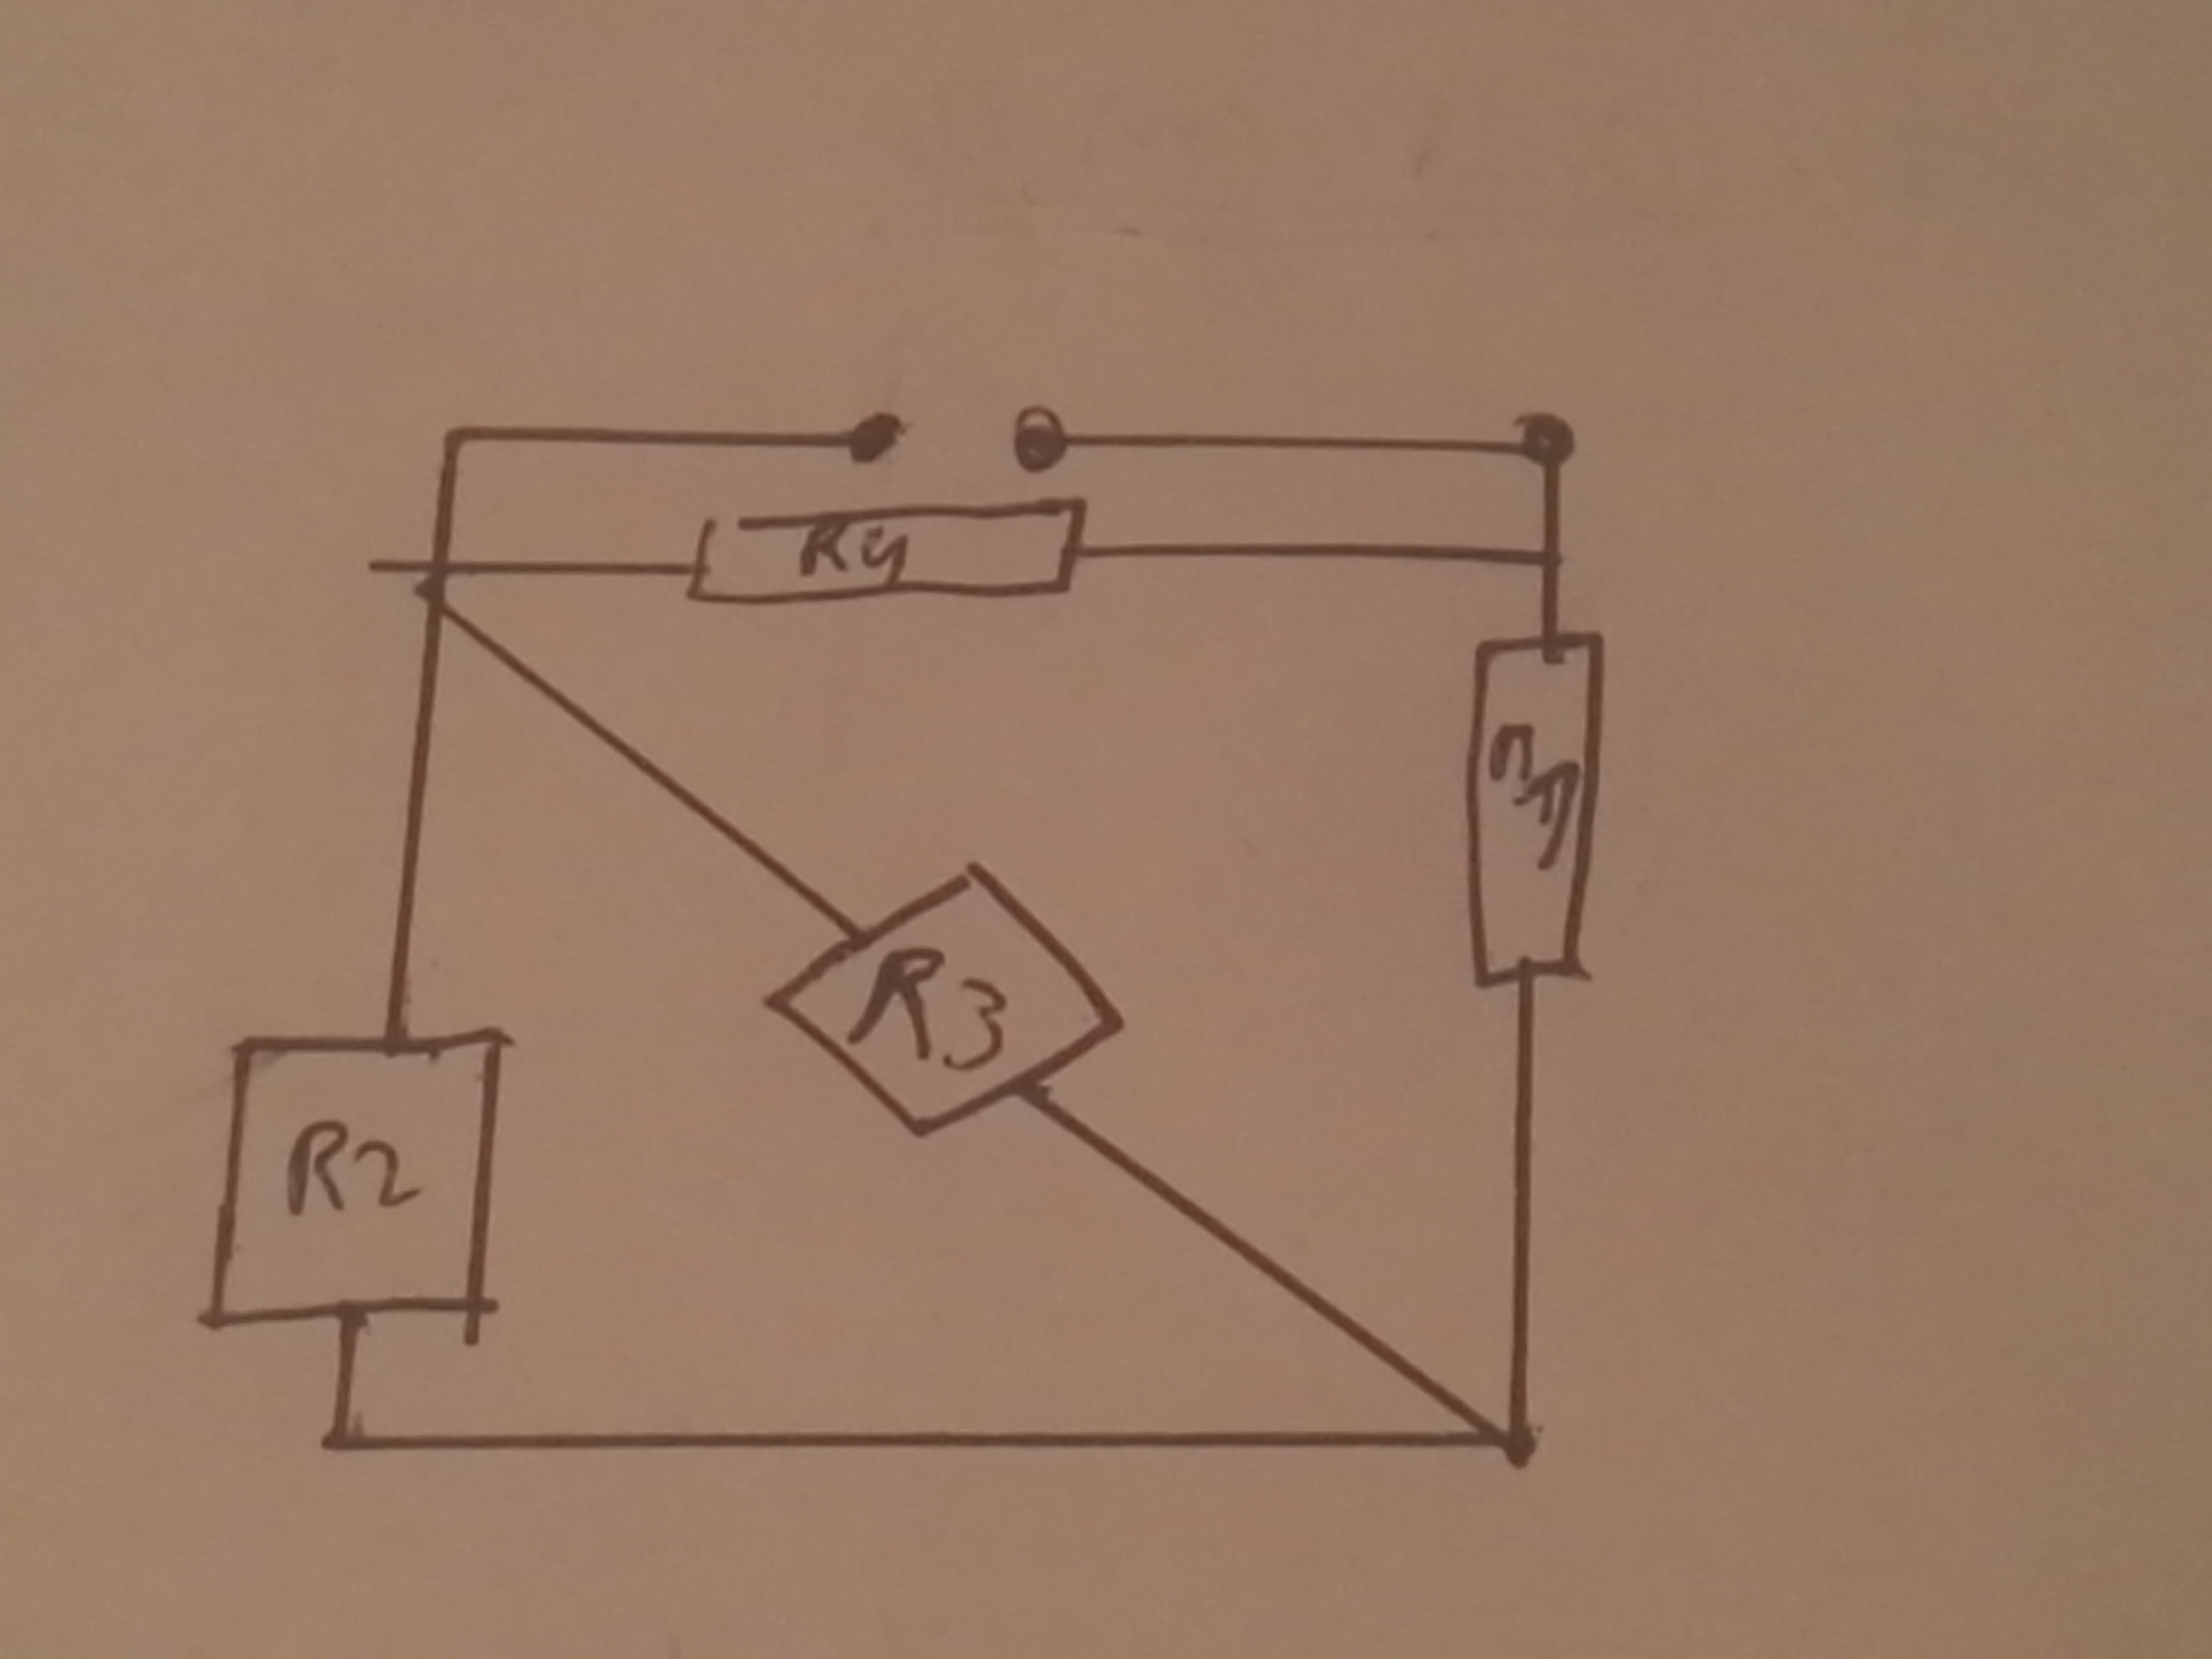 wie kann ich die schaltung vereinfacht zeichnen physik elektrotechnik. Black Bedroom Furniture Sets. Home Design Ideas